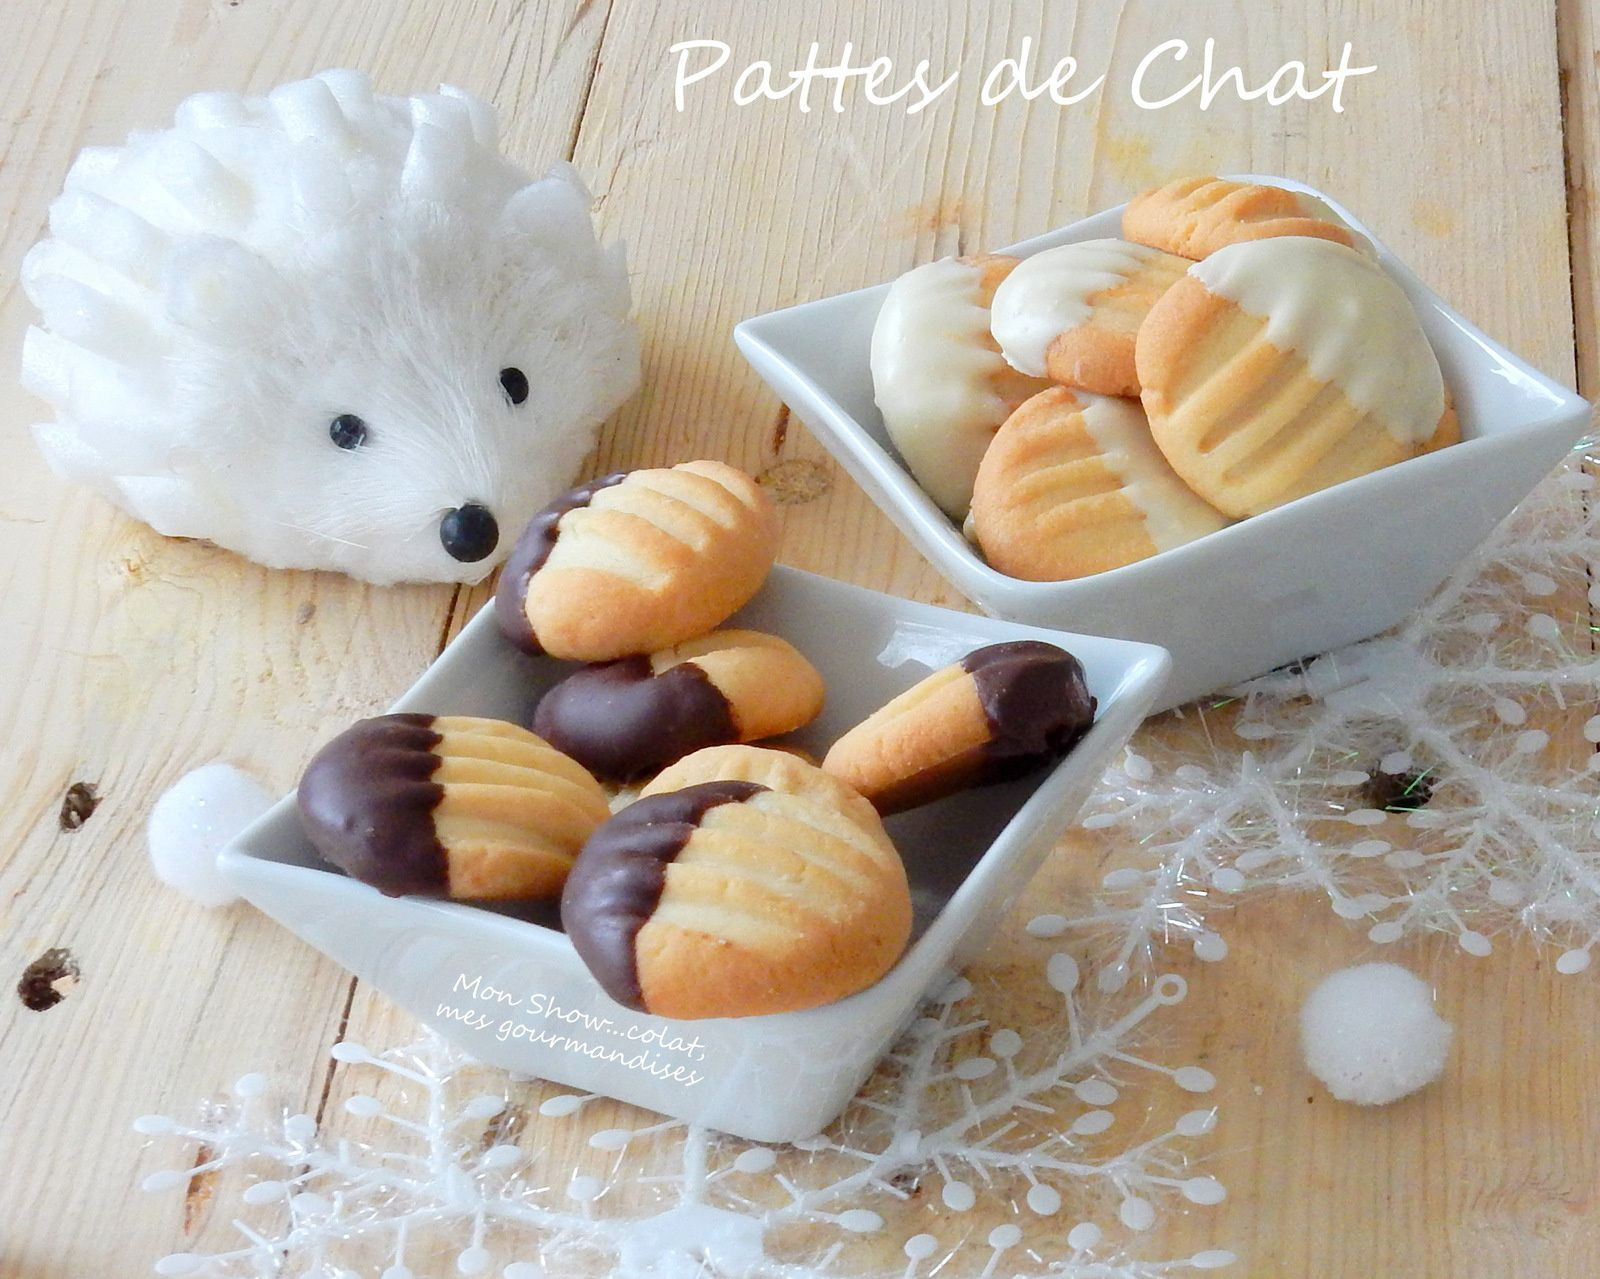 Pattes de Chat (petits gâteaux)